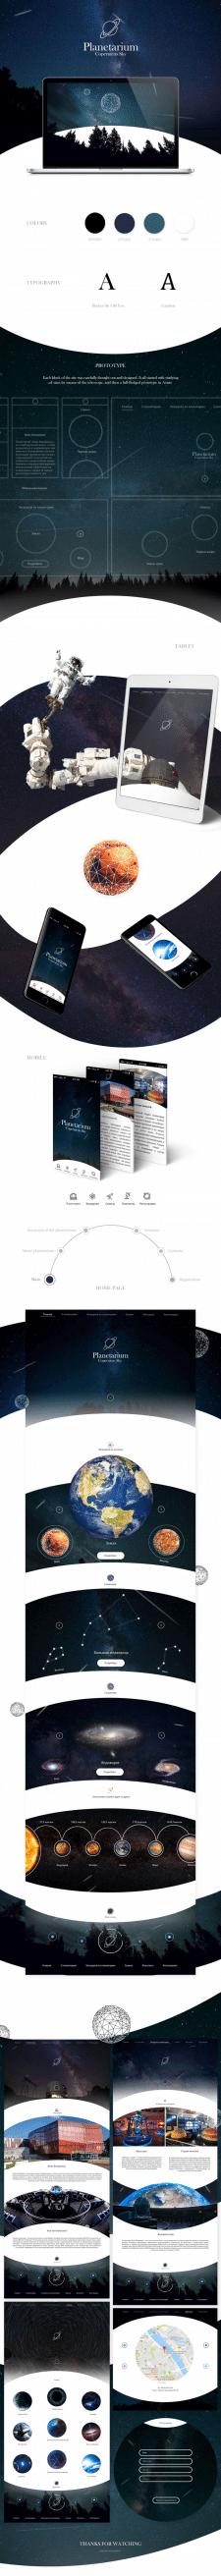 Сайт для польского планетария (Небо Коперника)